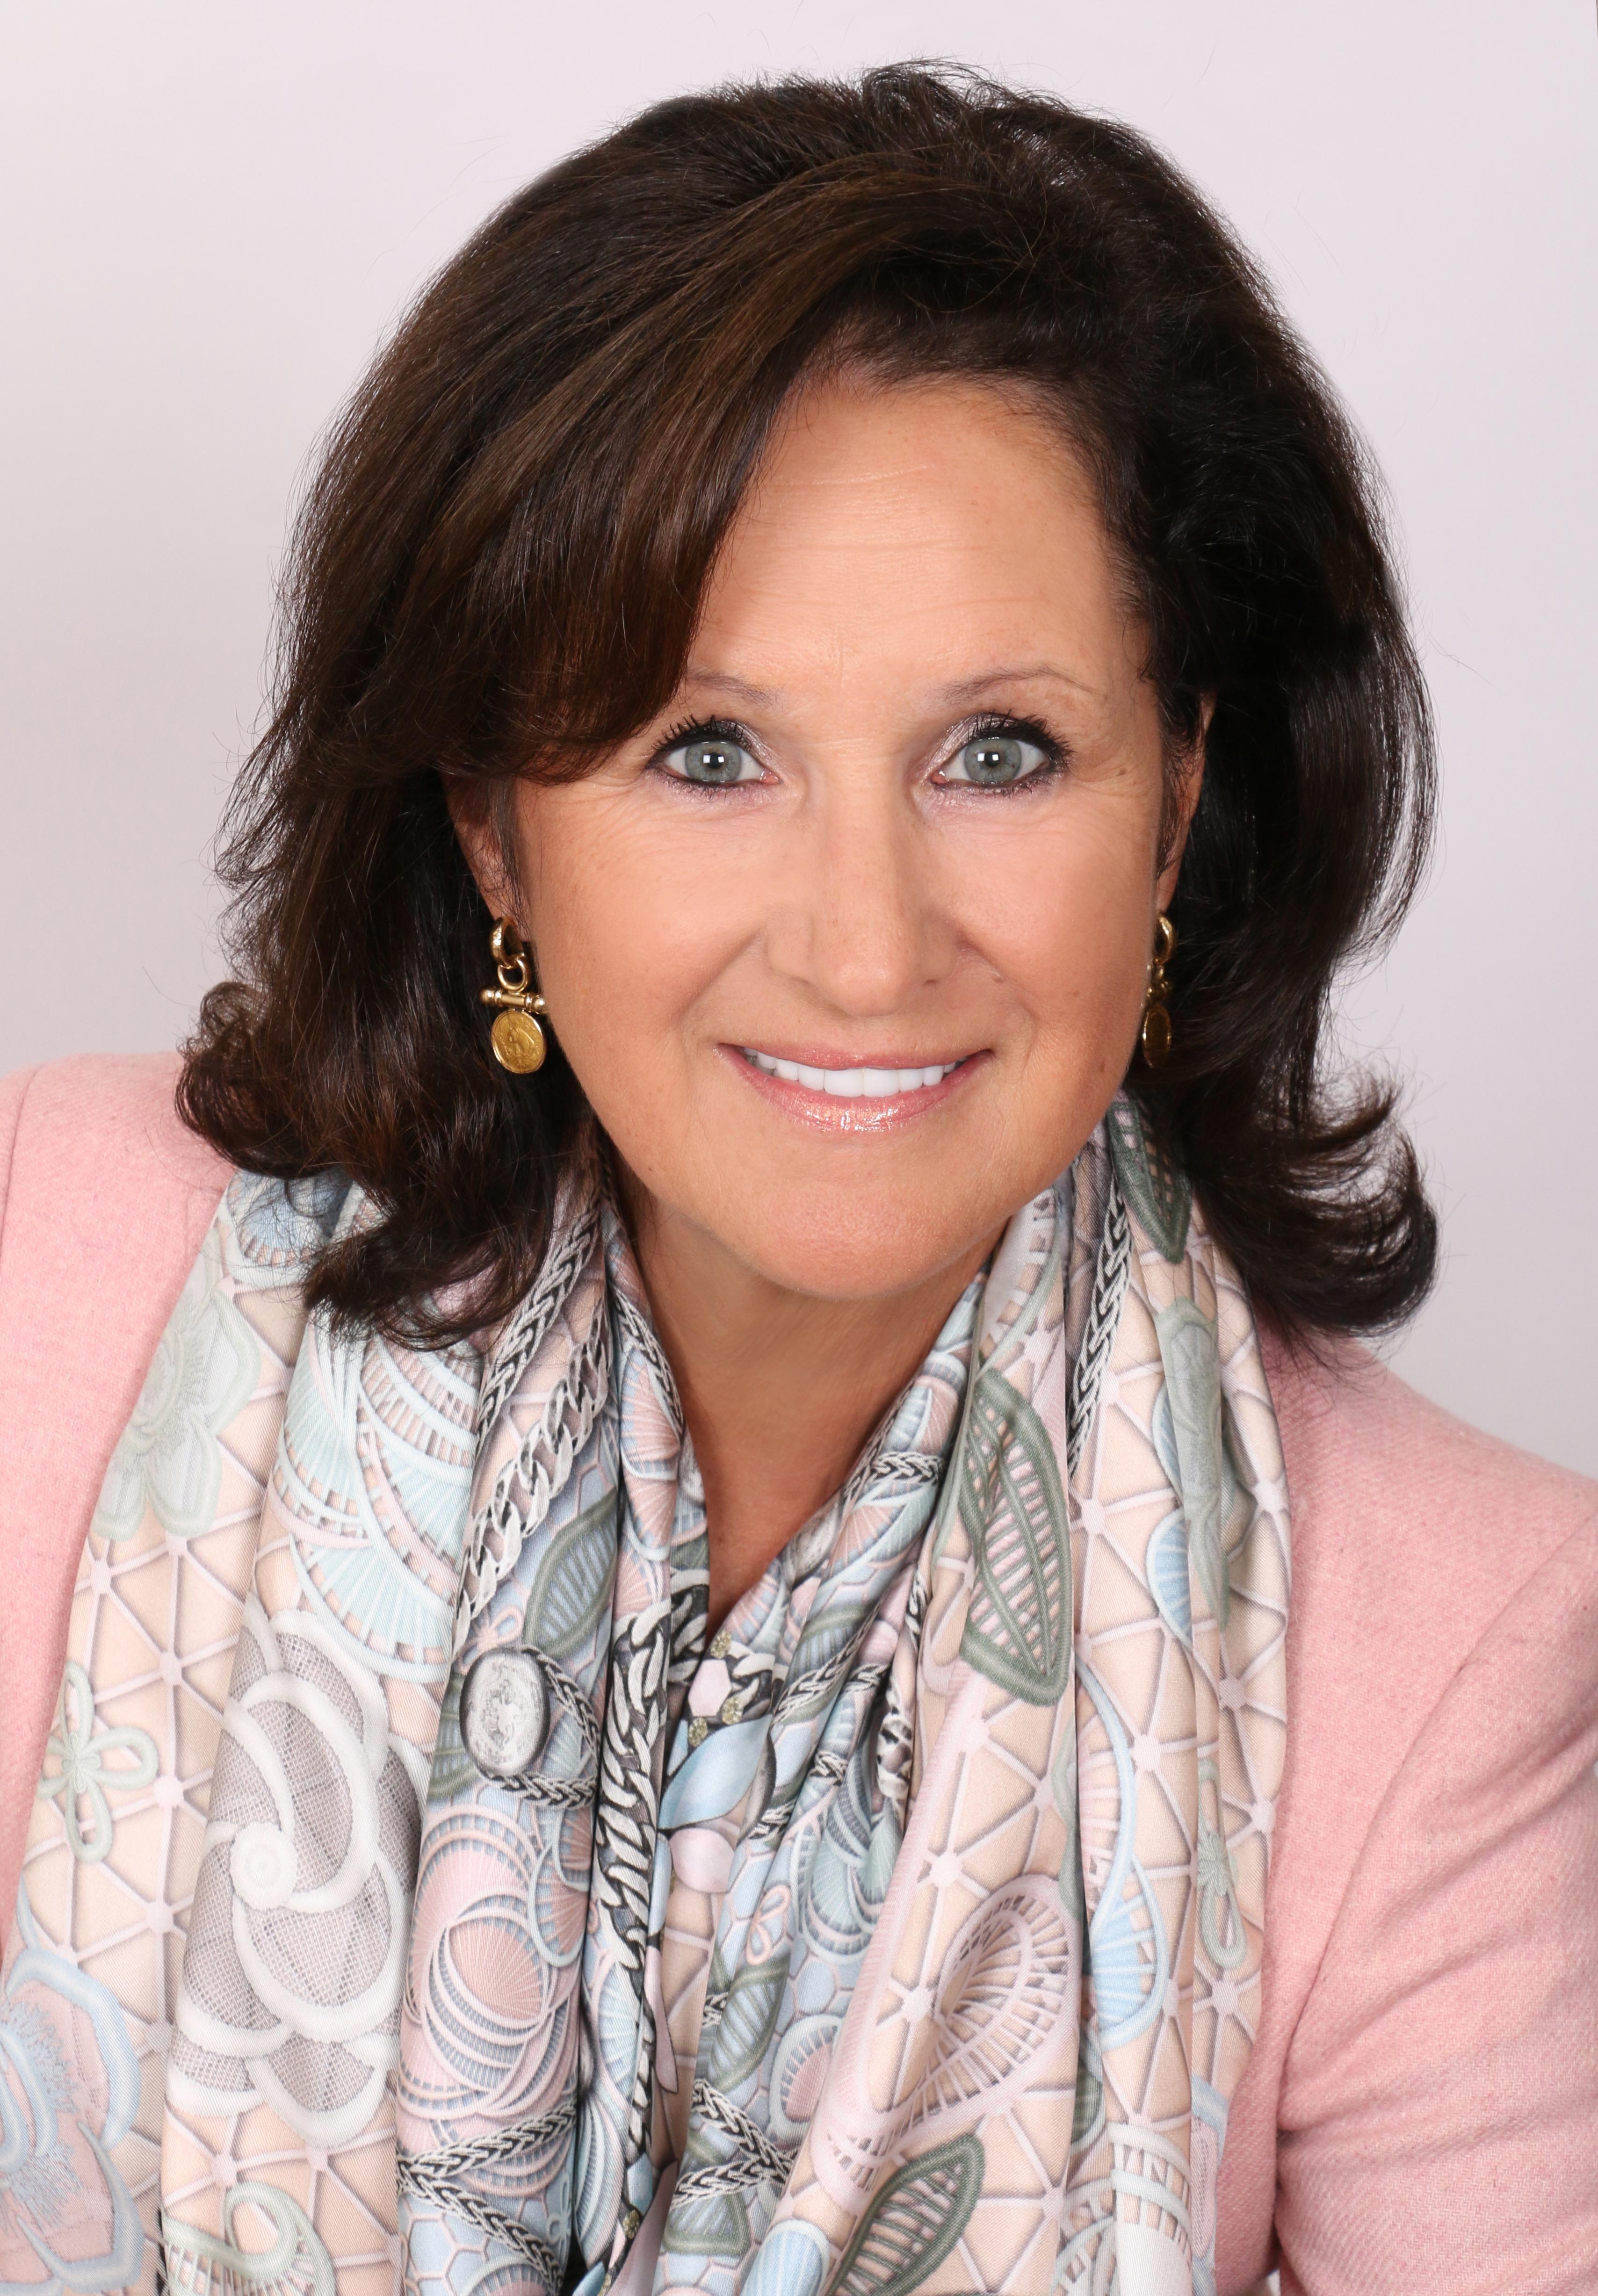 Wendy Gowdey